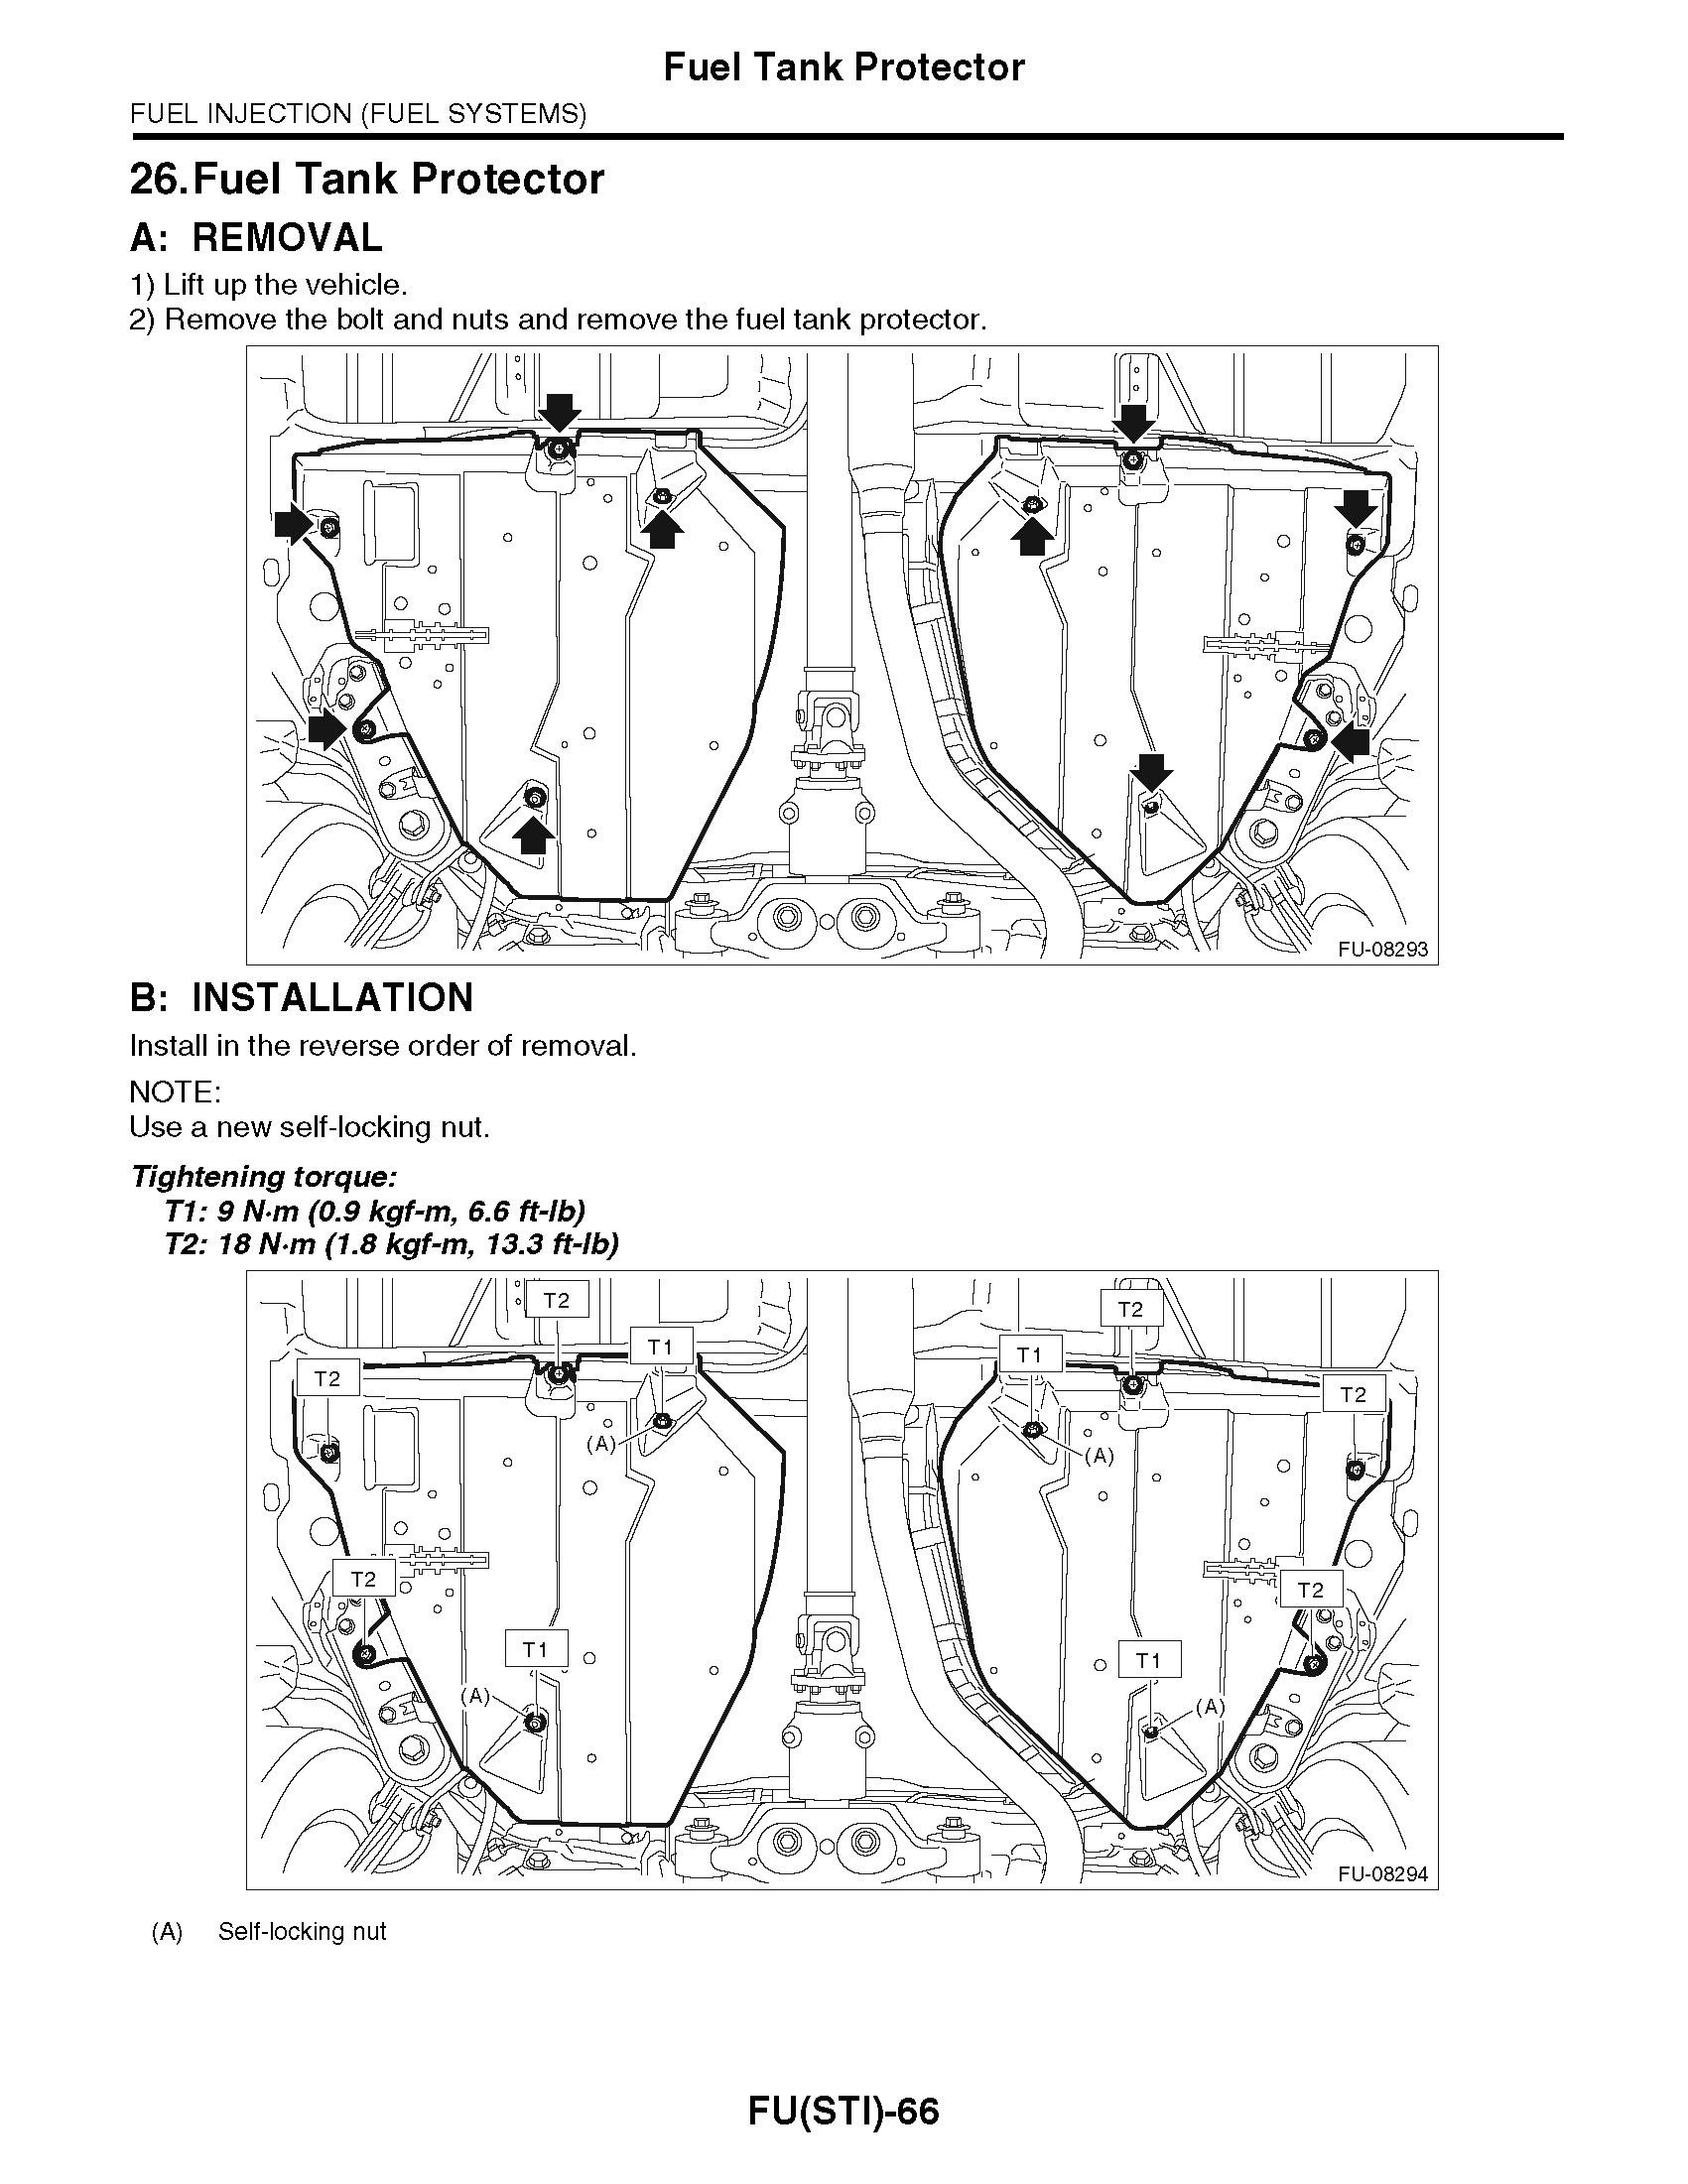 2015 Subaru Impreza WRX & WRX STI, OEM Factory Service